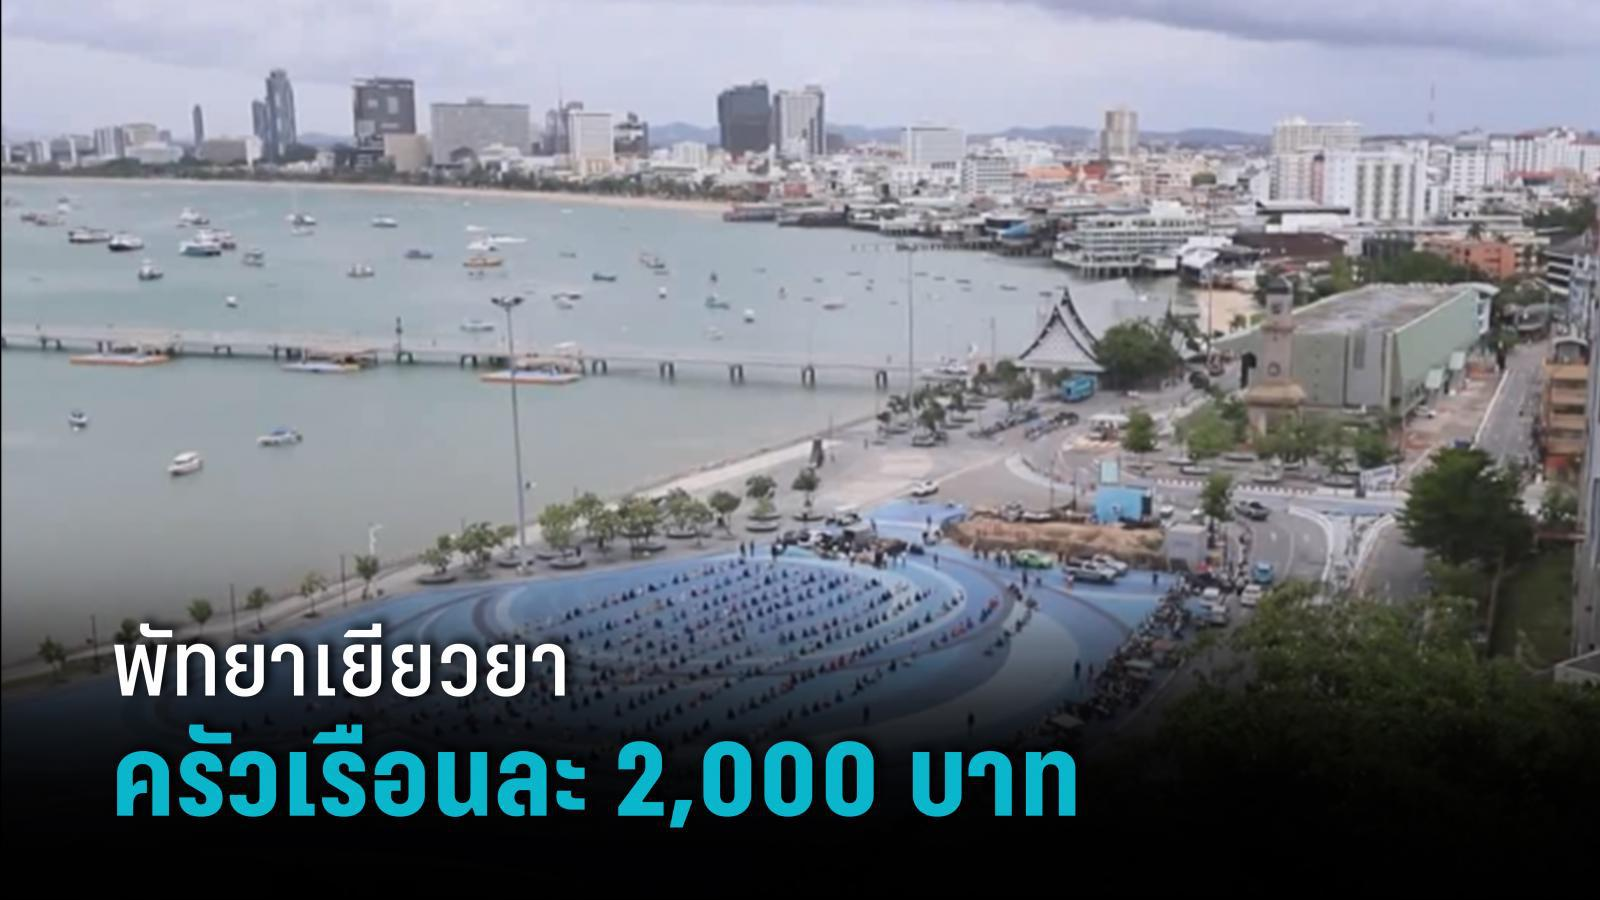 เมืองพัทยา เปิดลงทะเบียนเยียวยาครัวเรือนละ 2,000 บาท